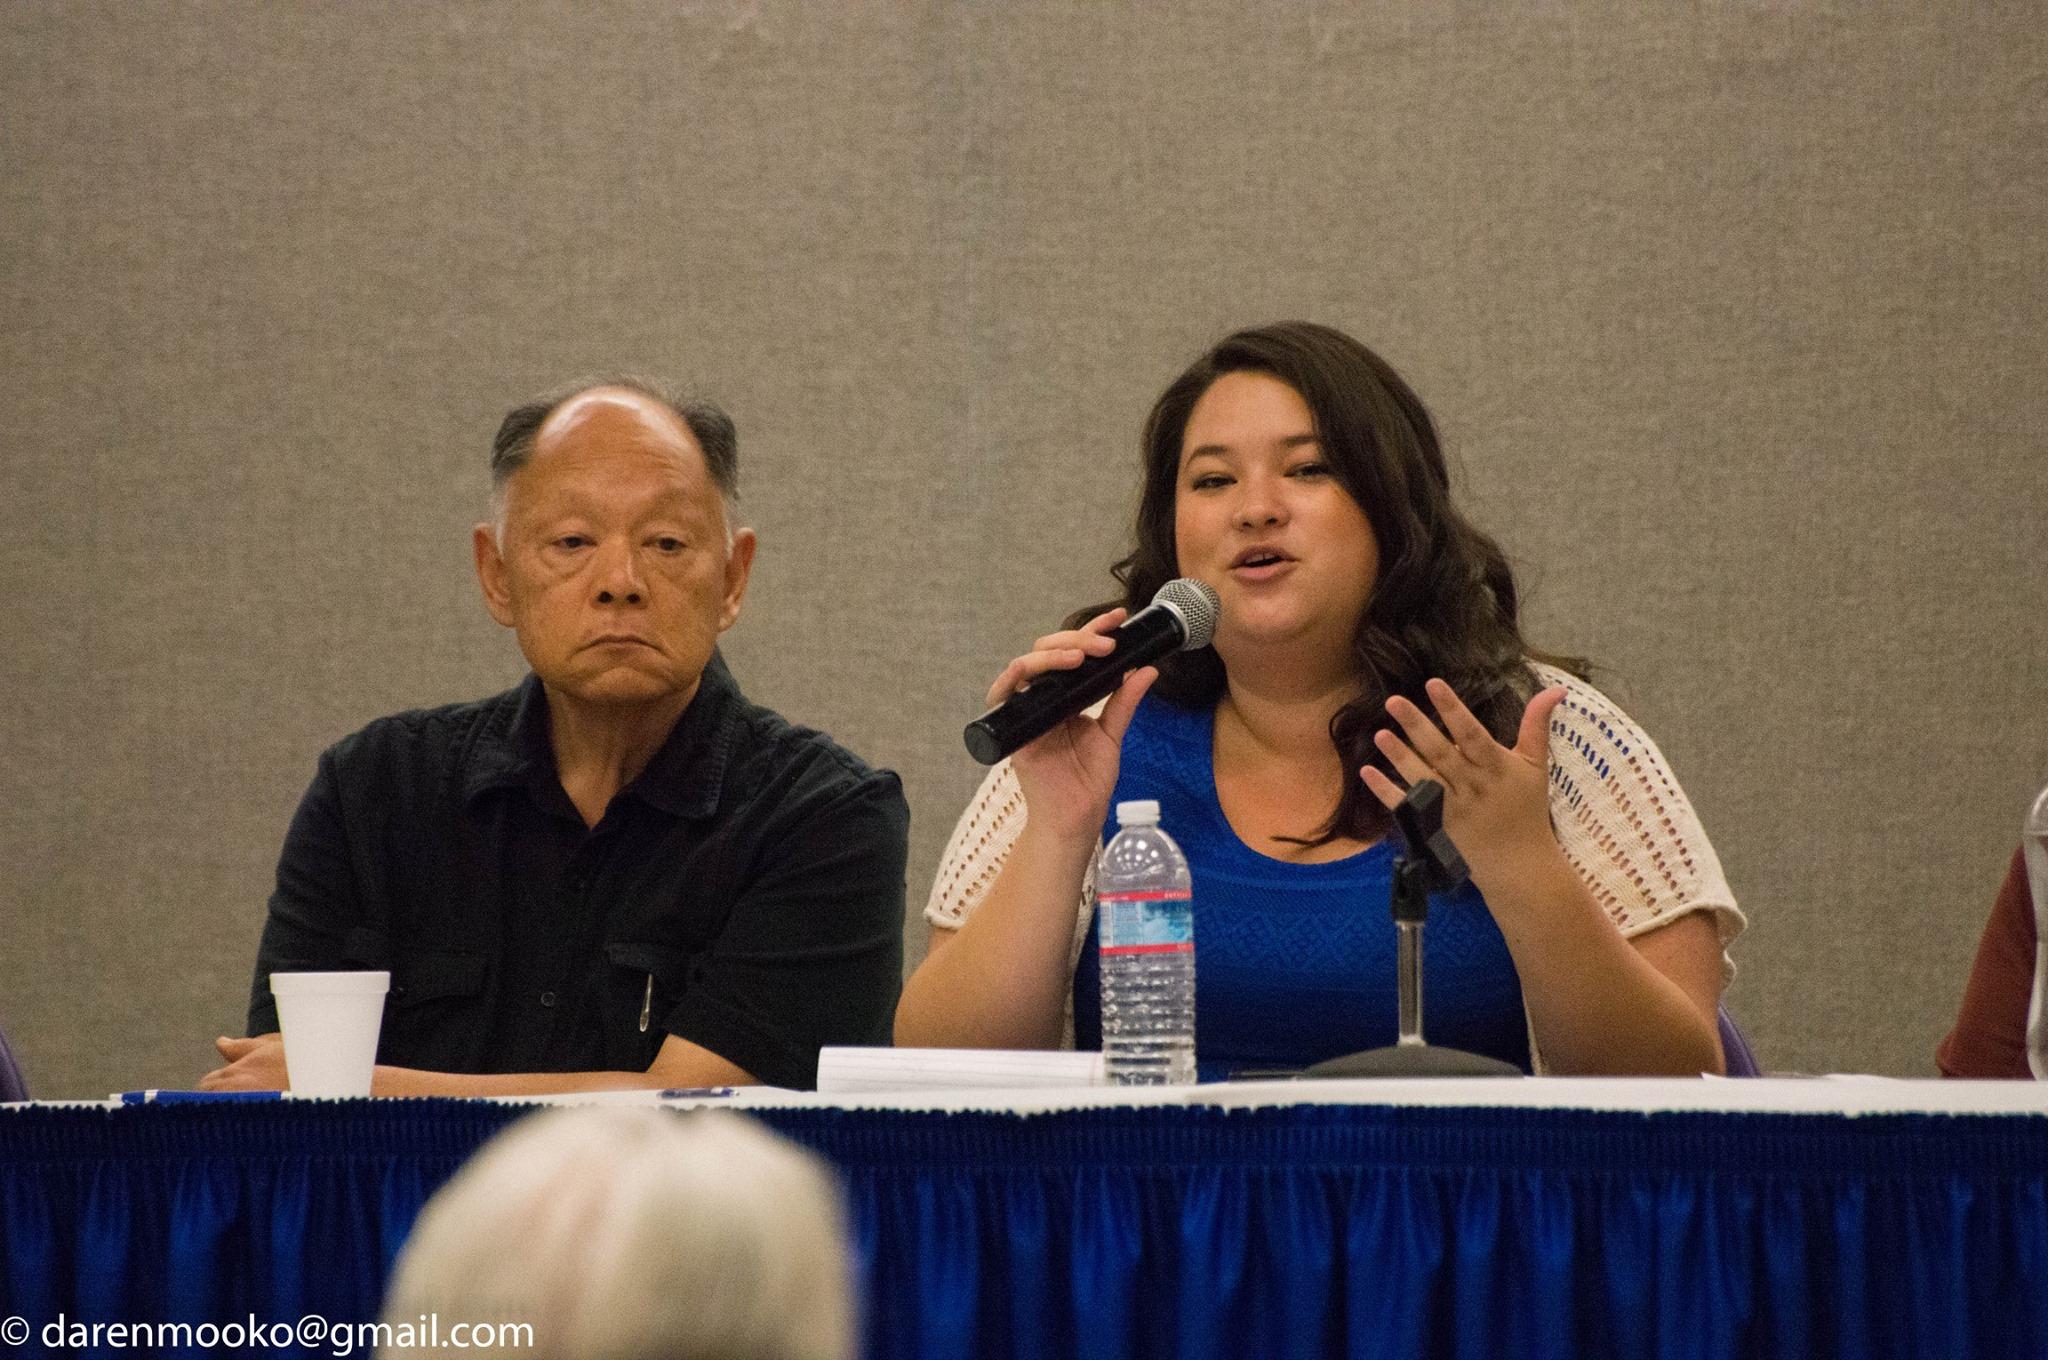 Right: Kristin Fukushima